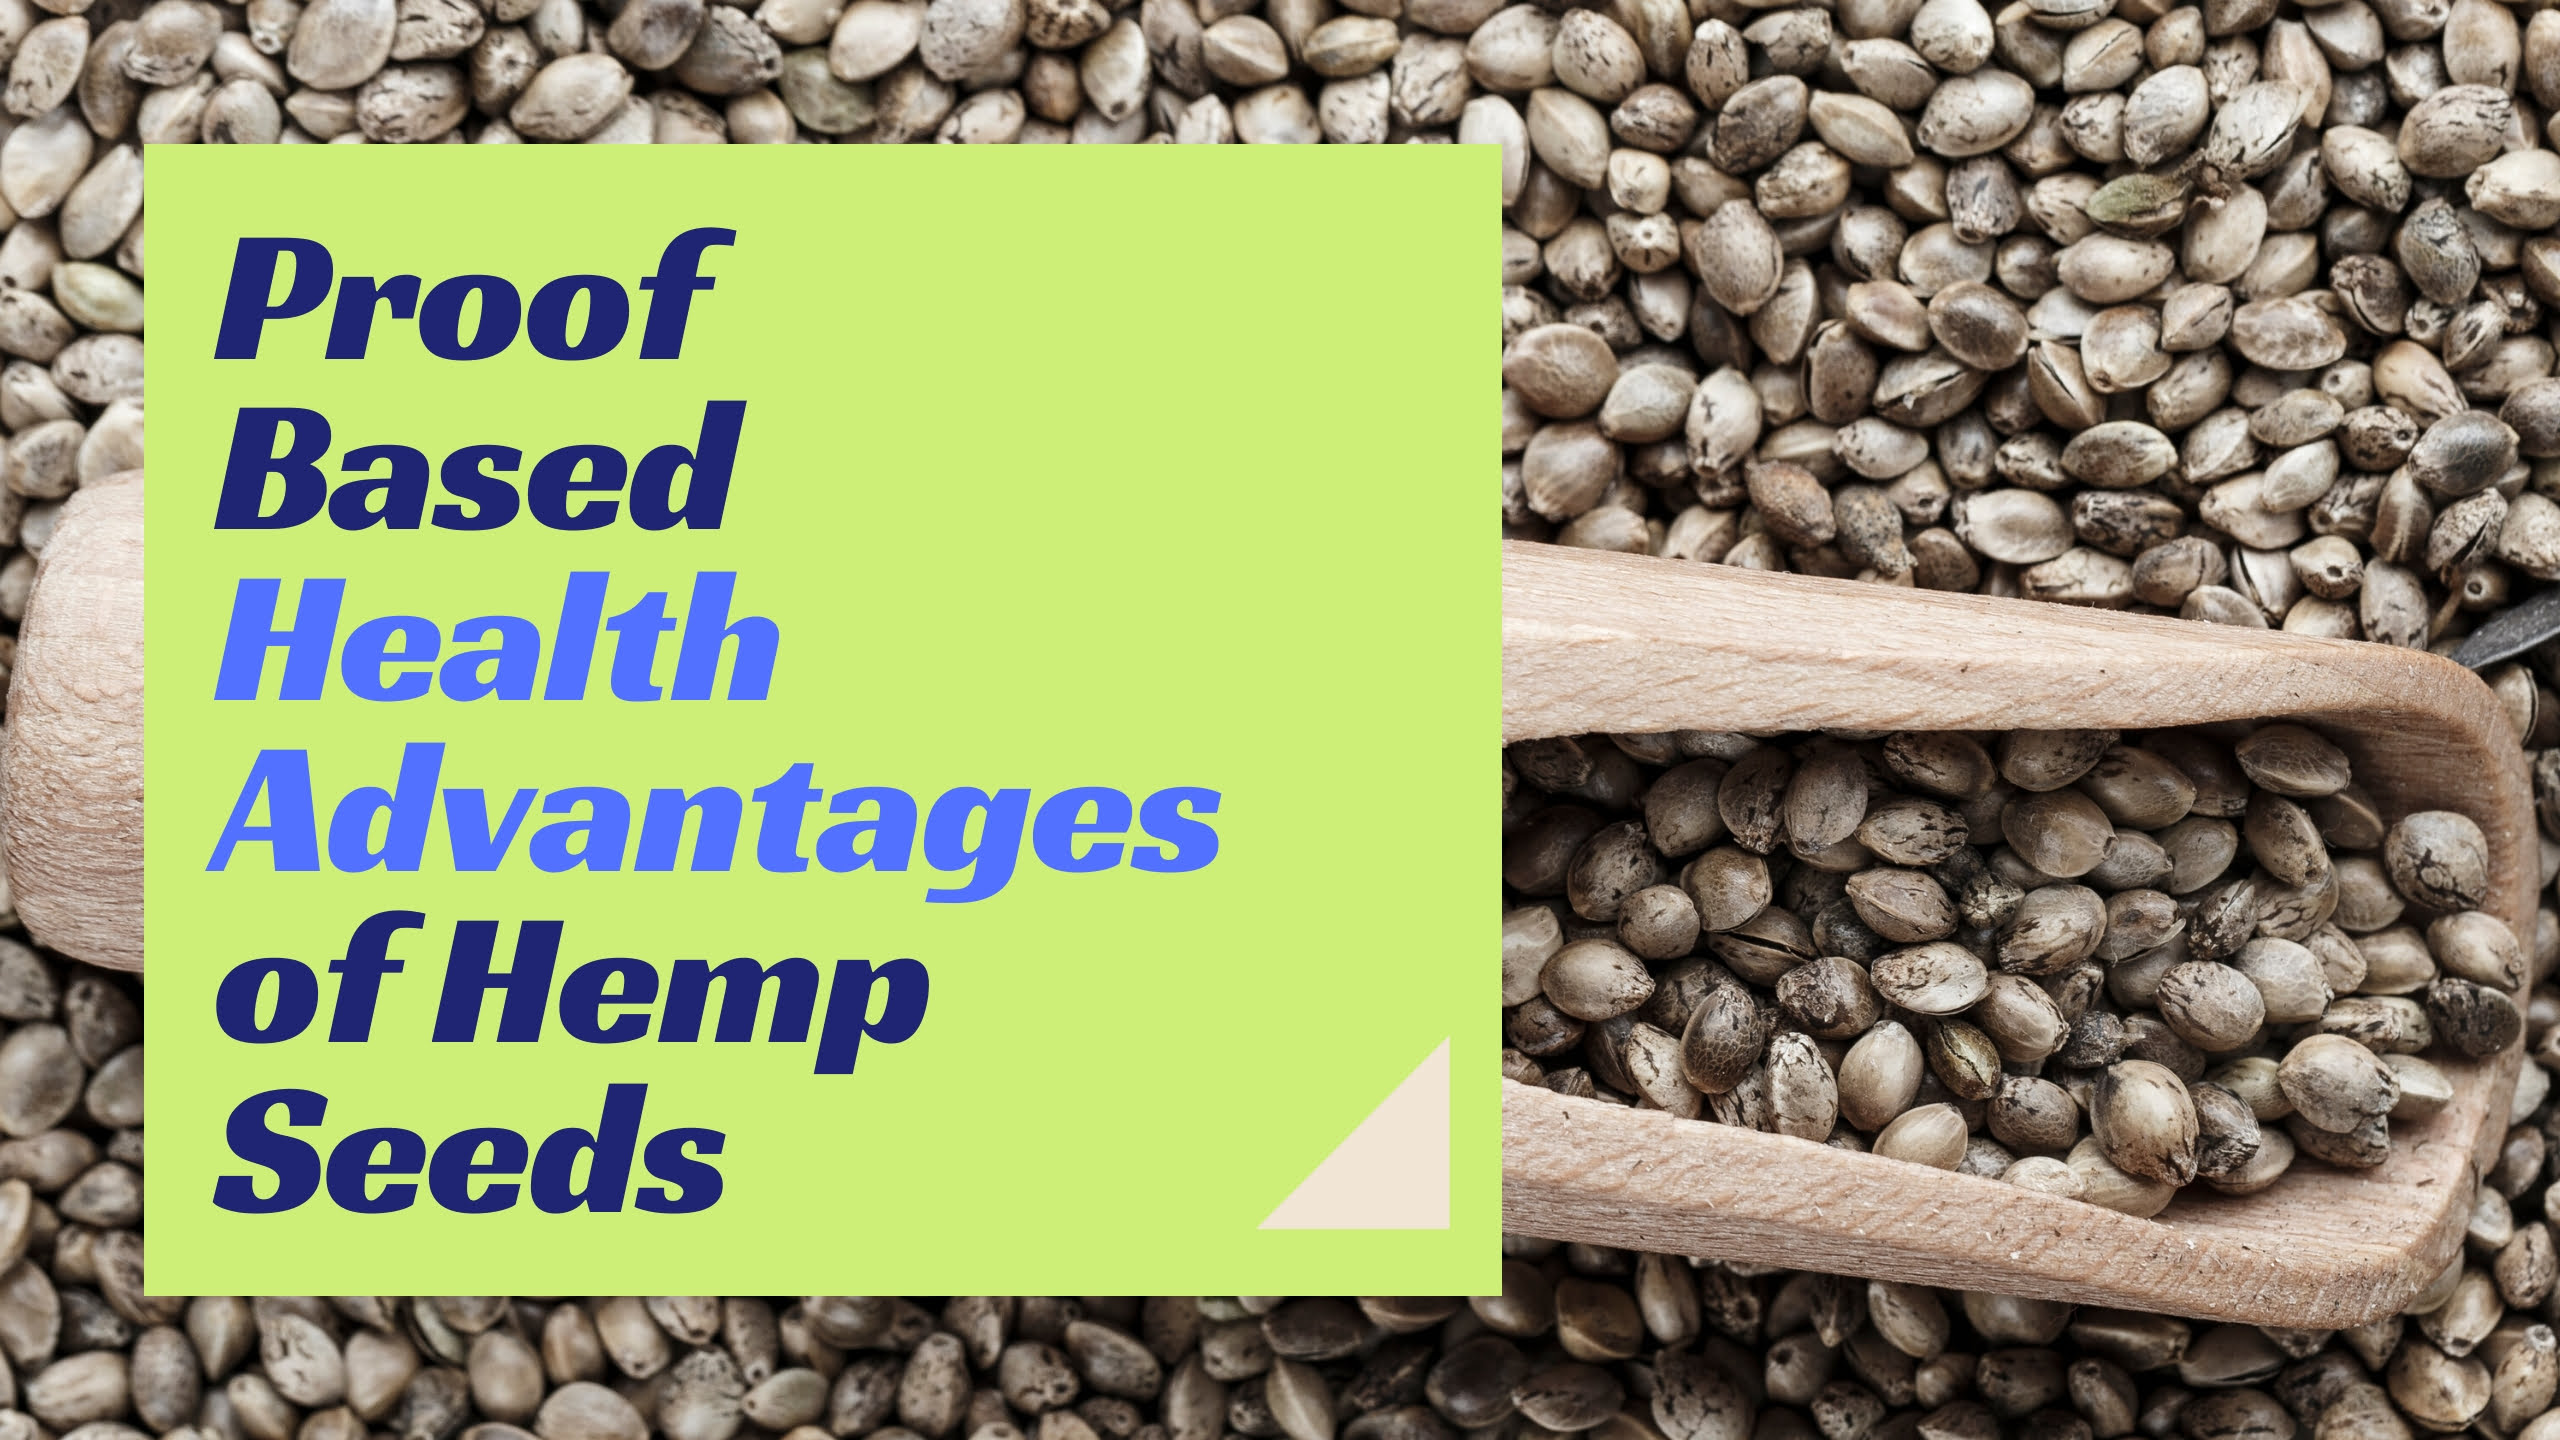 Proof Based Health Advantages of Hemp Seeds